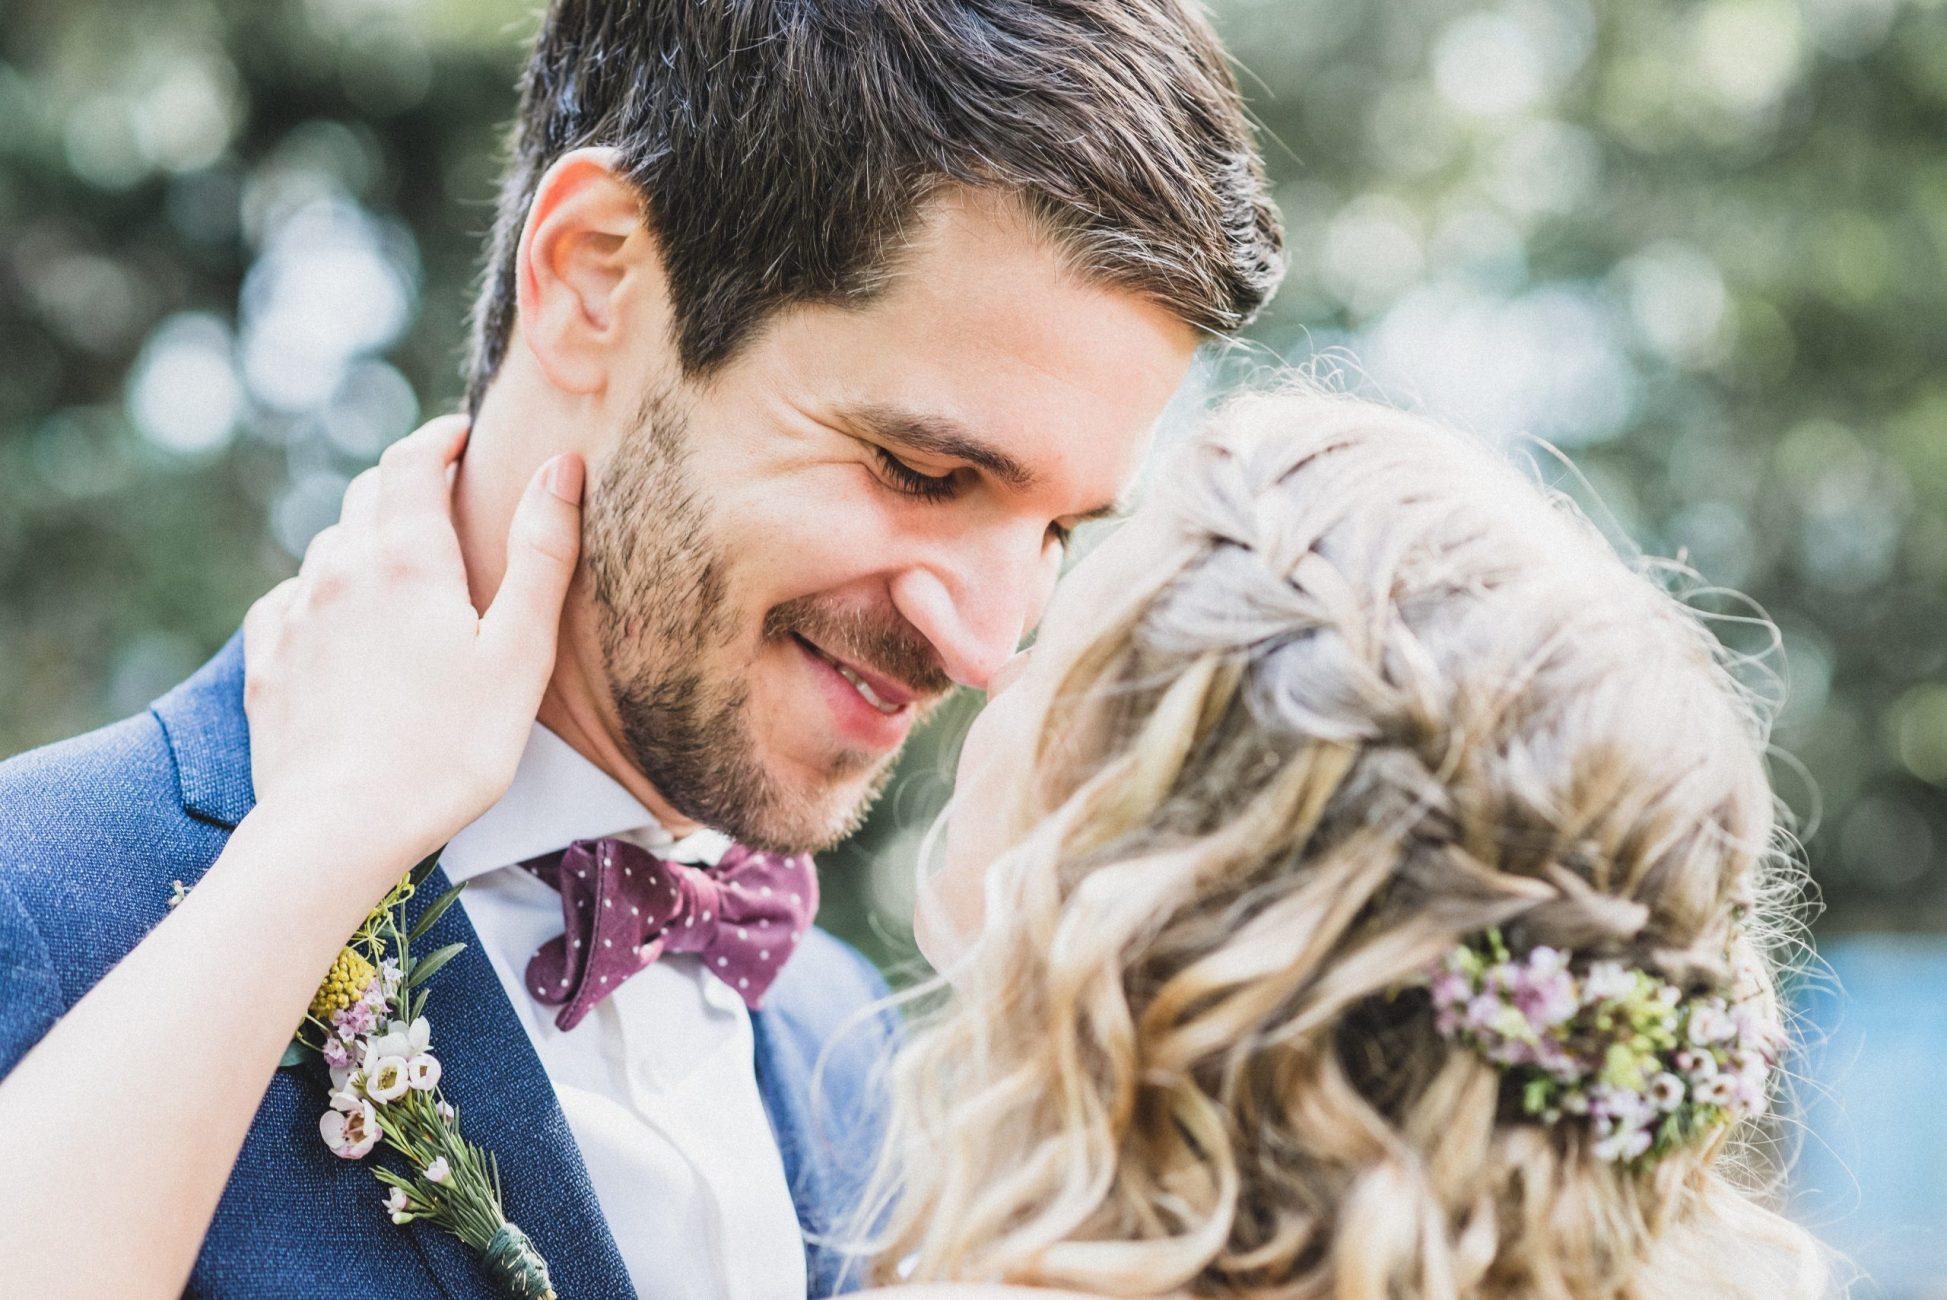 Natürliche und begleitende Hochzeitsfotografie von deiner Hochzeitsfotografin Julia Aßmann in Hamburg, Jork, Stade, Buxtehude, Altes Land. Emotionale, authentische, gefühlvolle Hochzeitsfotos.